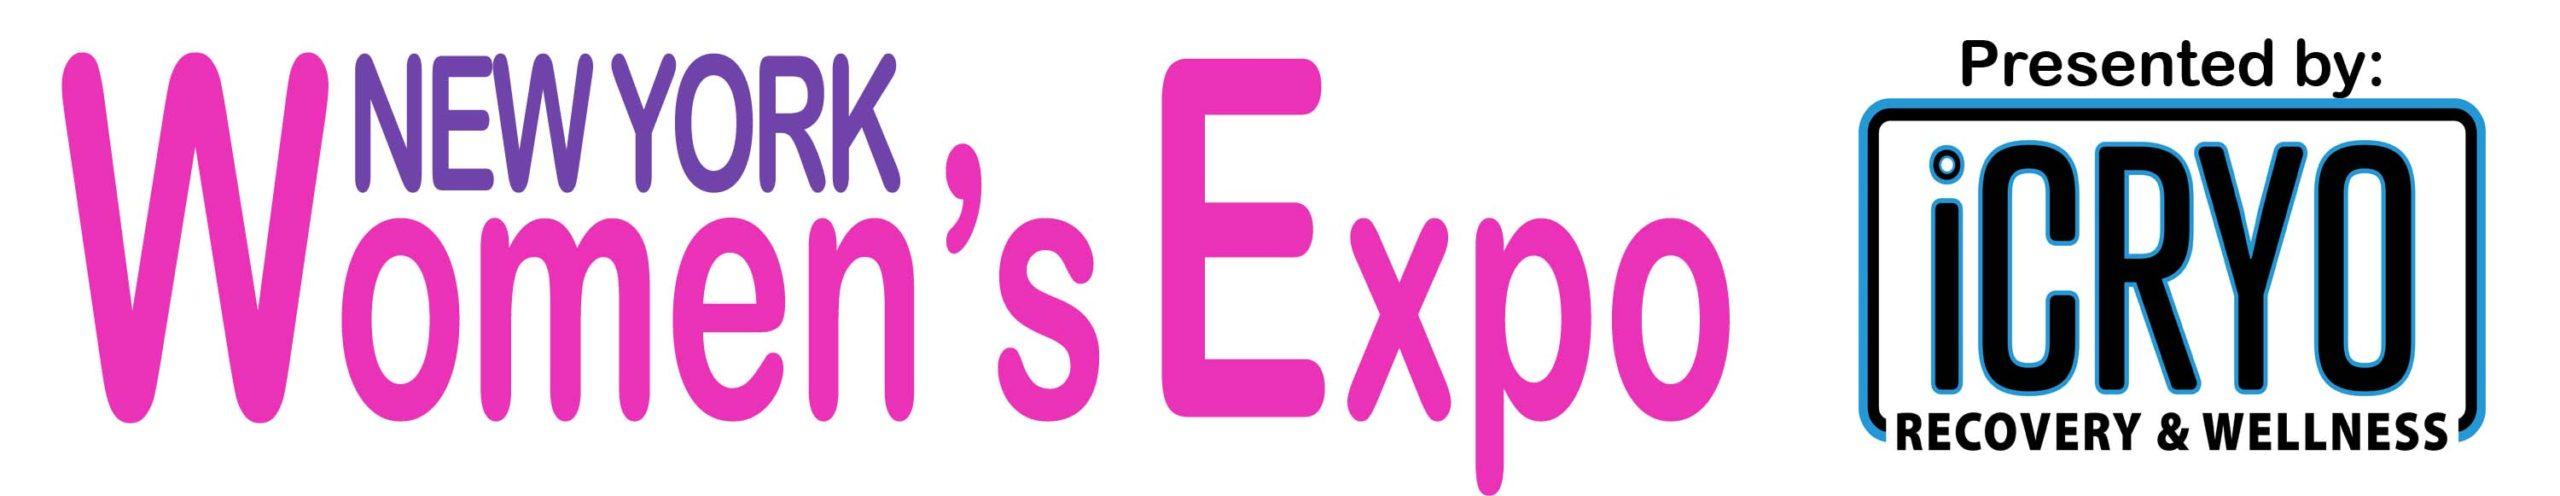 NY Womens Expo